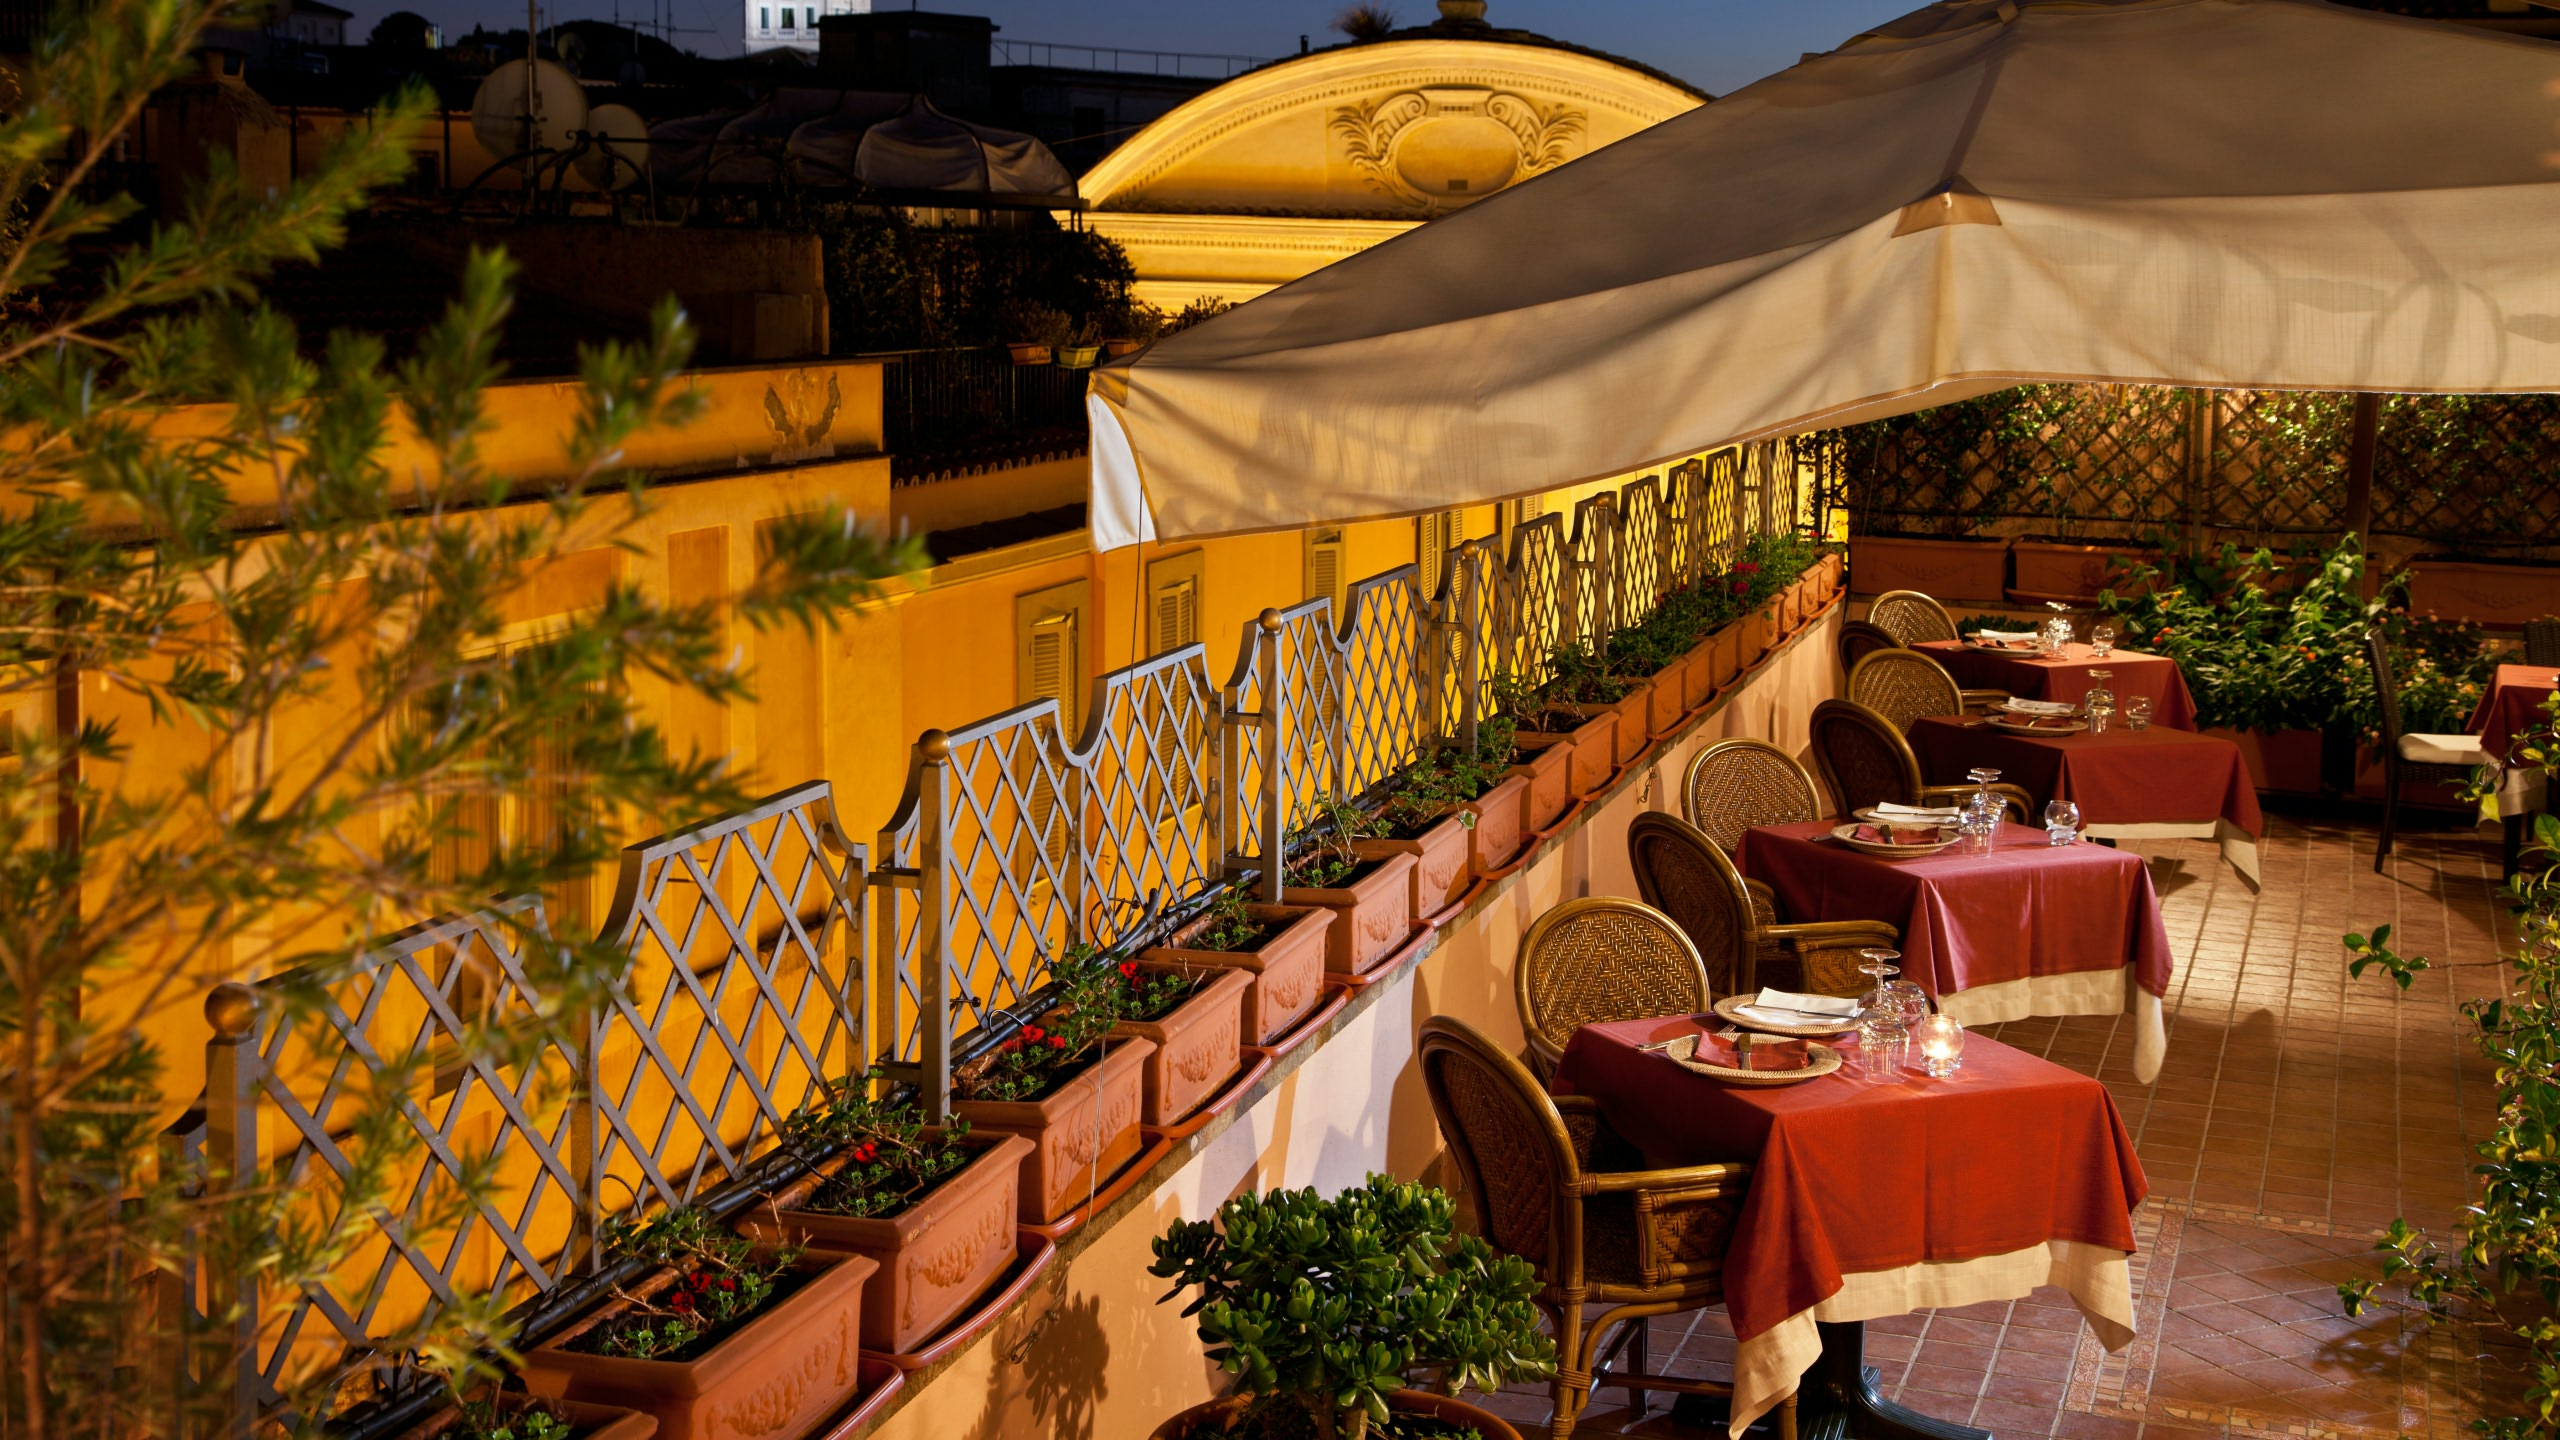 albergo-ottocento-rome-terrasse-05